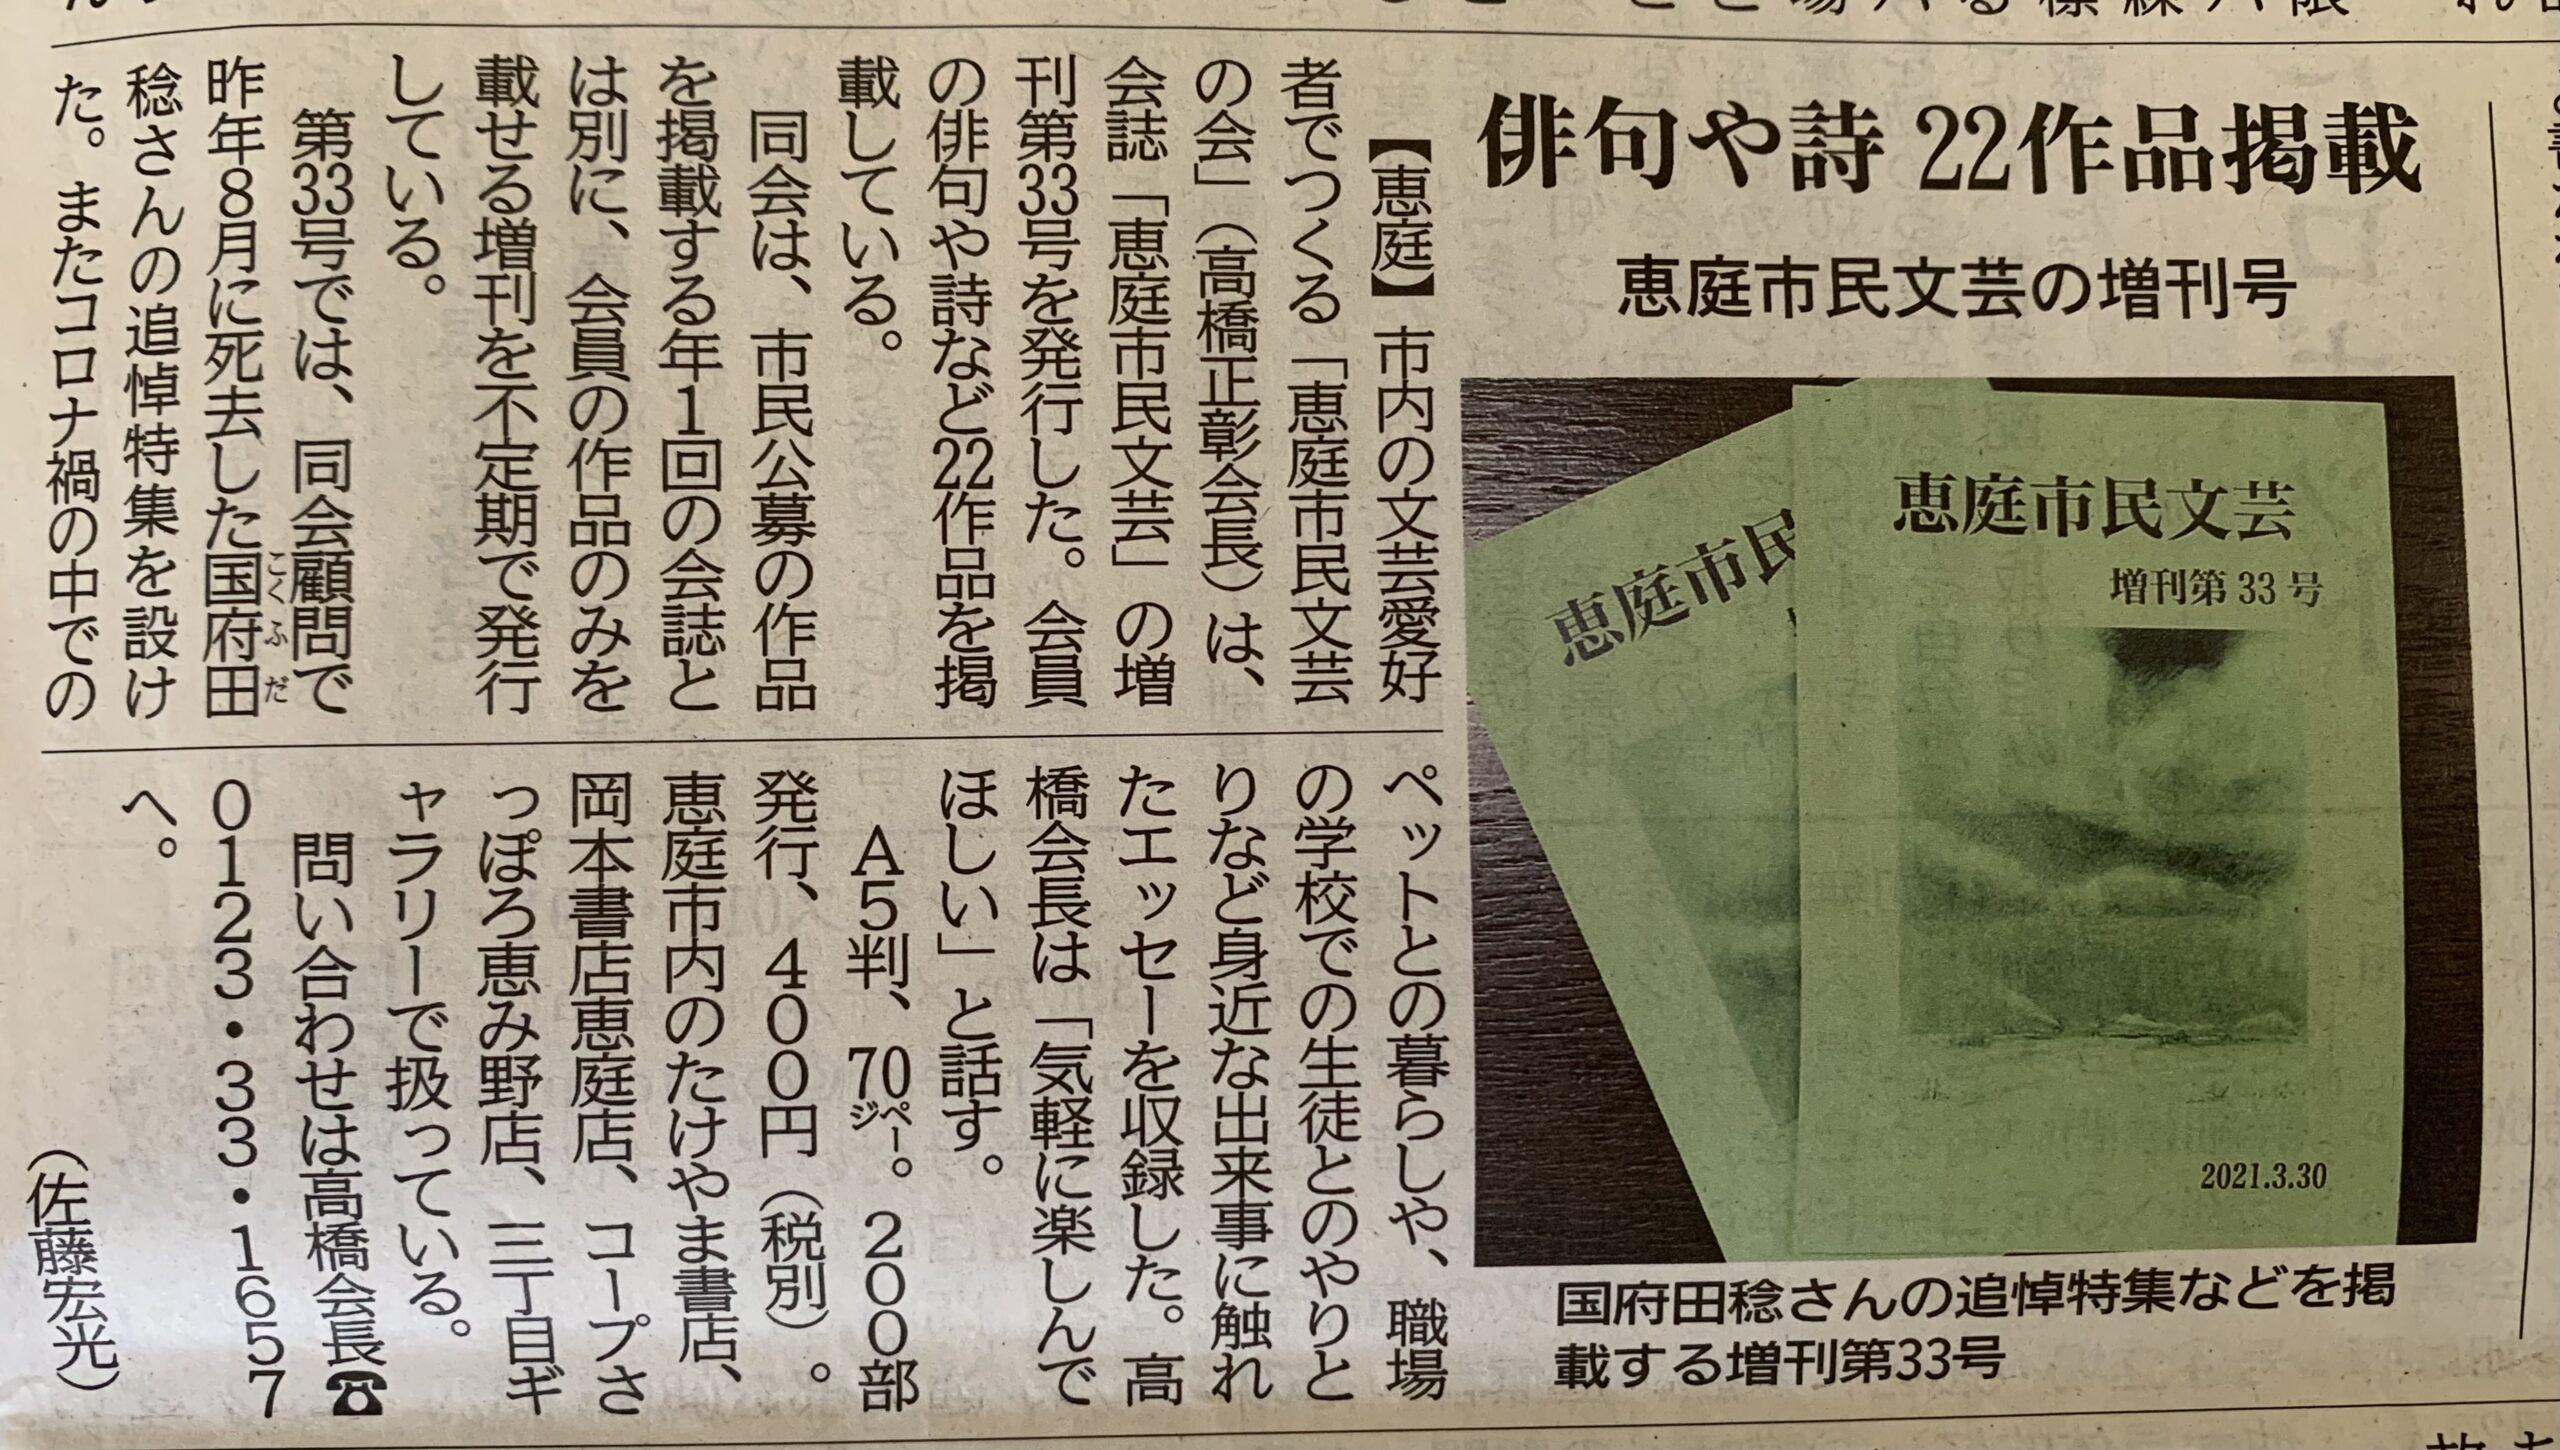 恵庭市民文芸 増刊第33号を発刊しました。